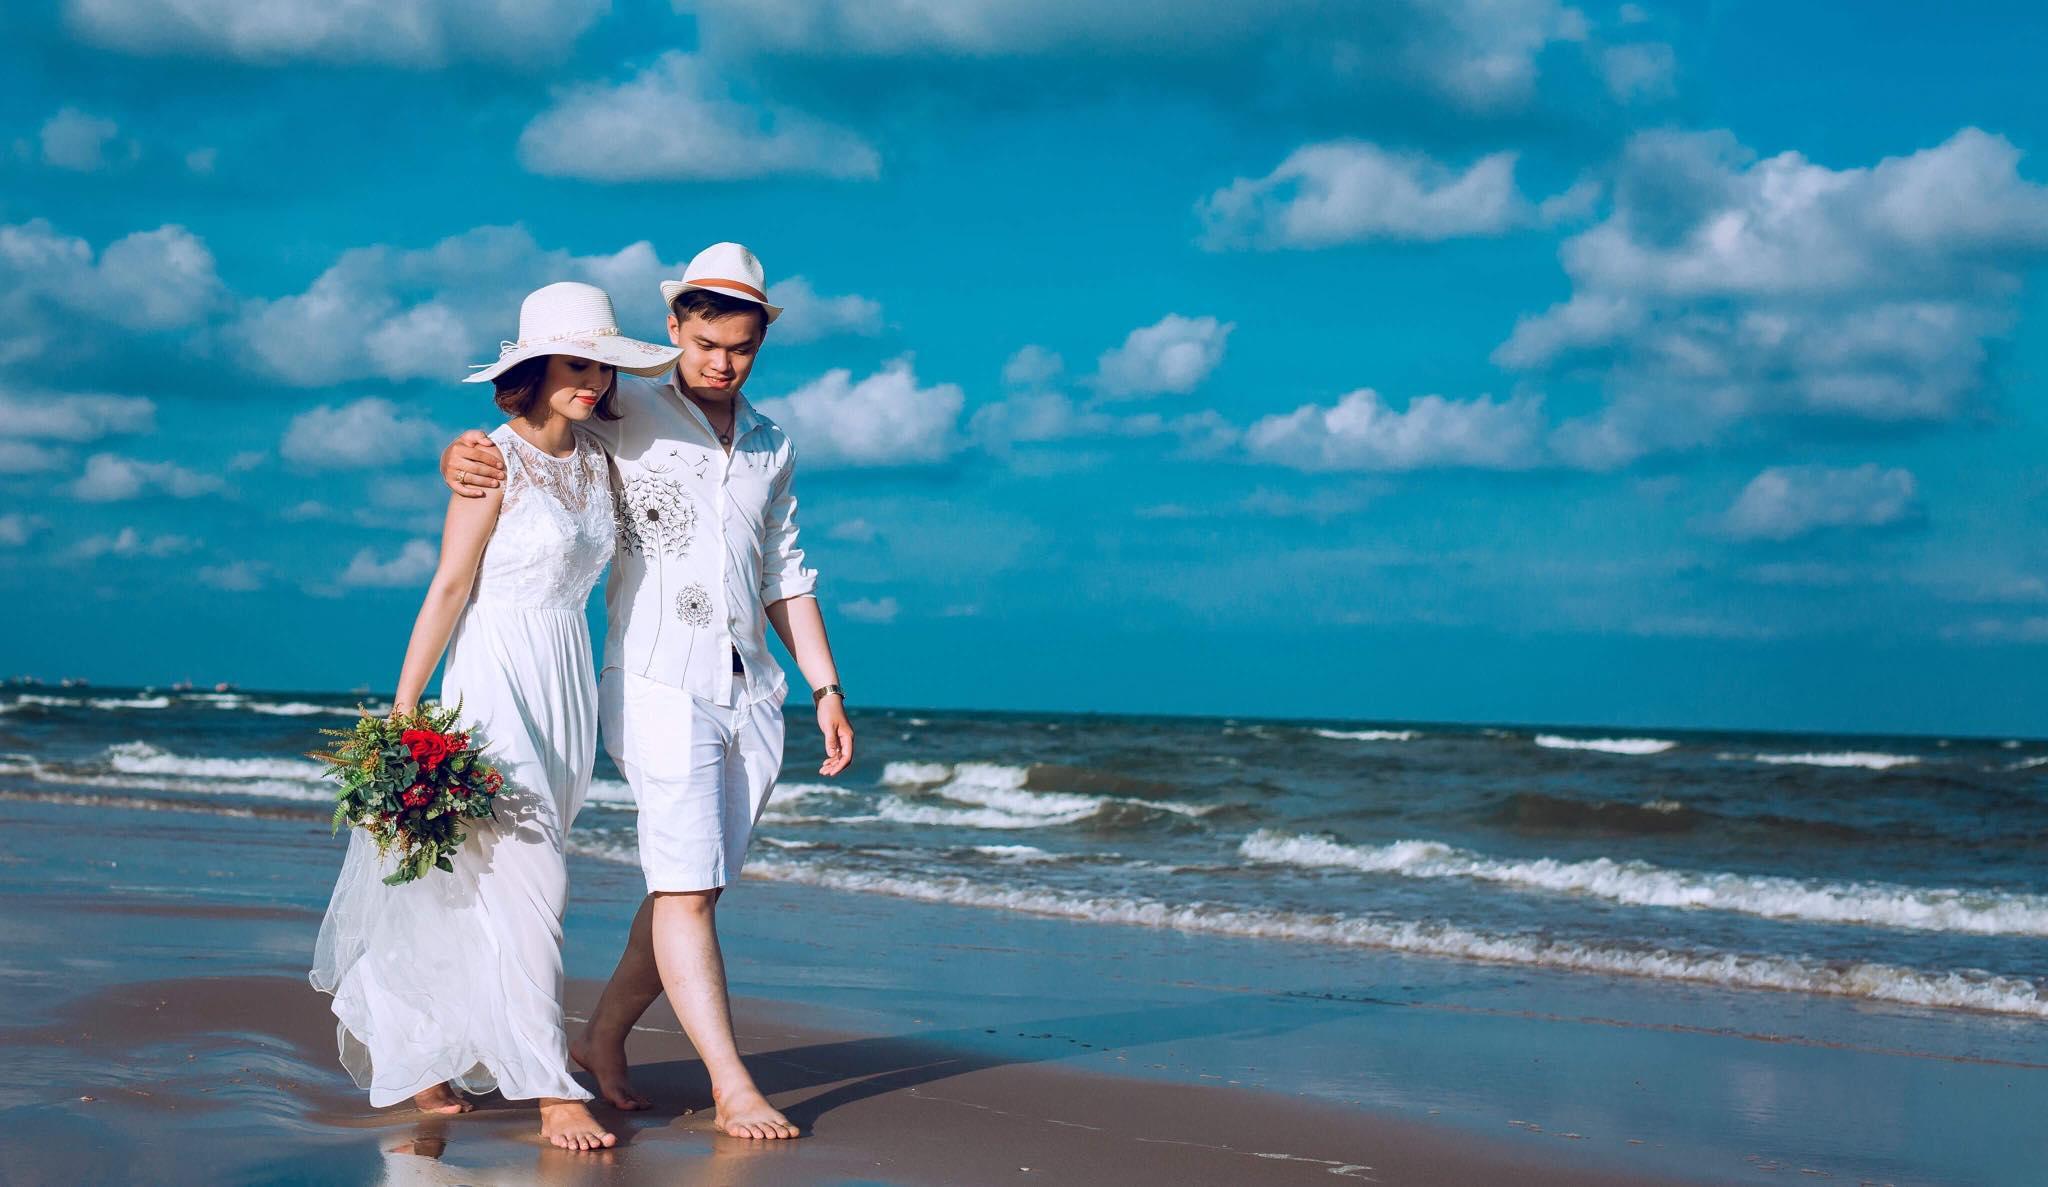 chụp ảnh cưới đẹp ở biển